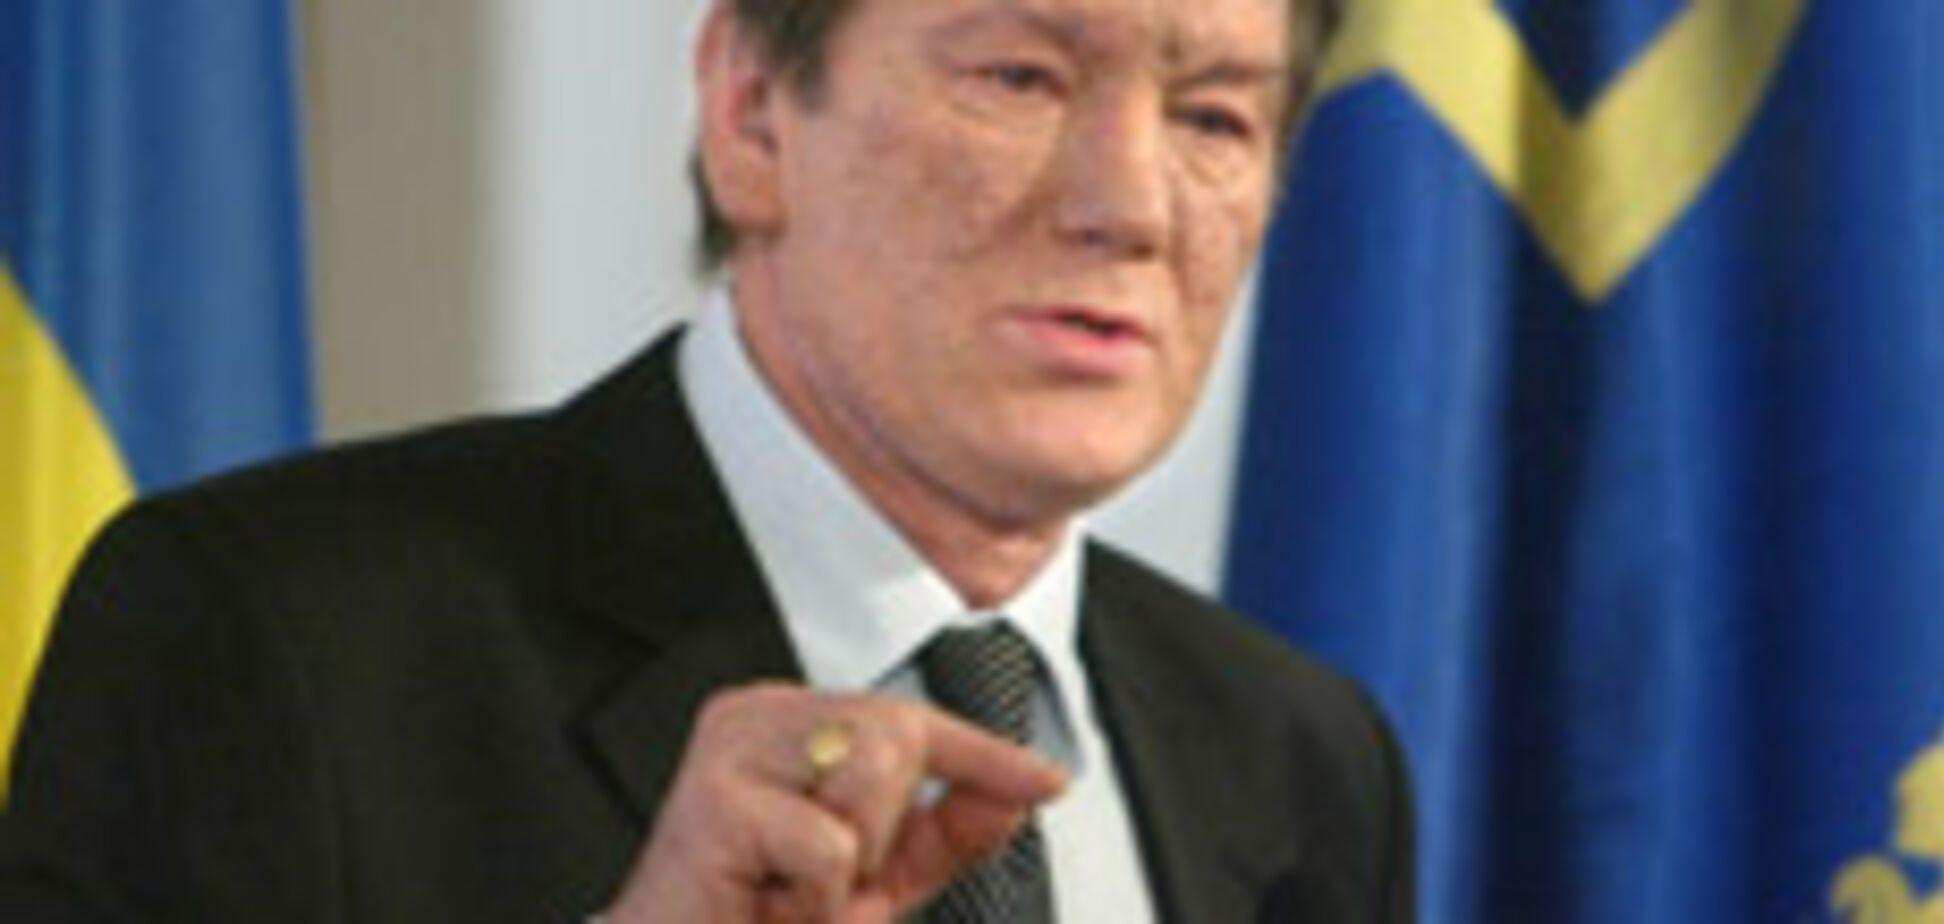 Ющенко не довіряють майже дві третини країни